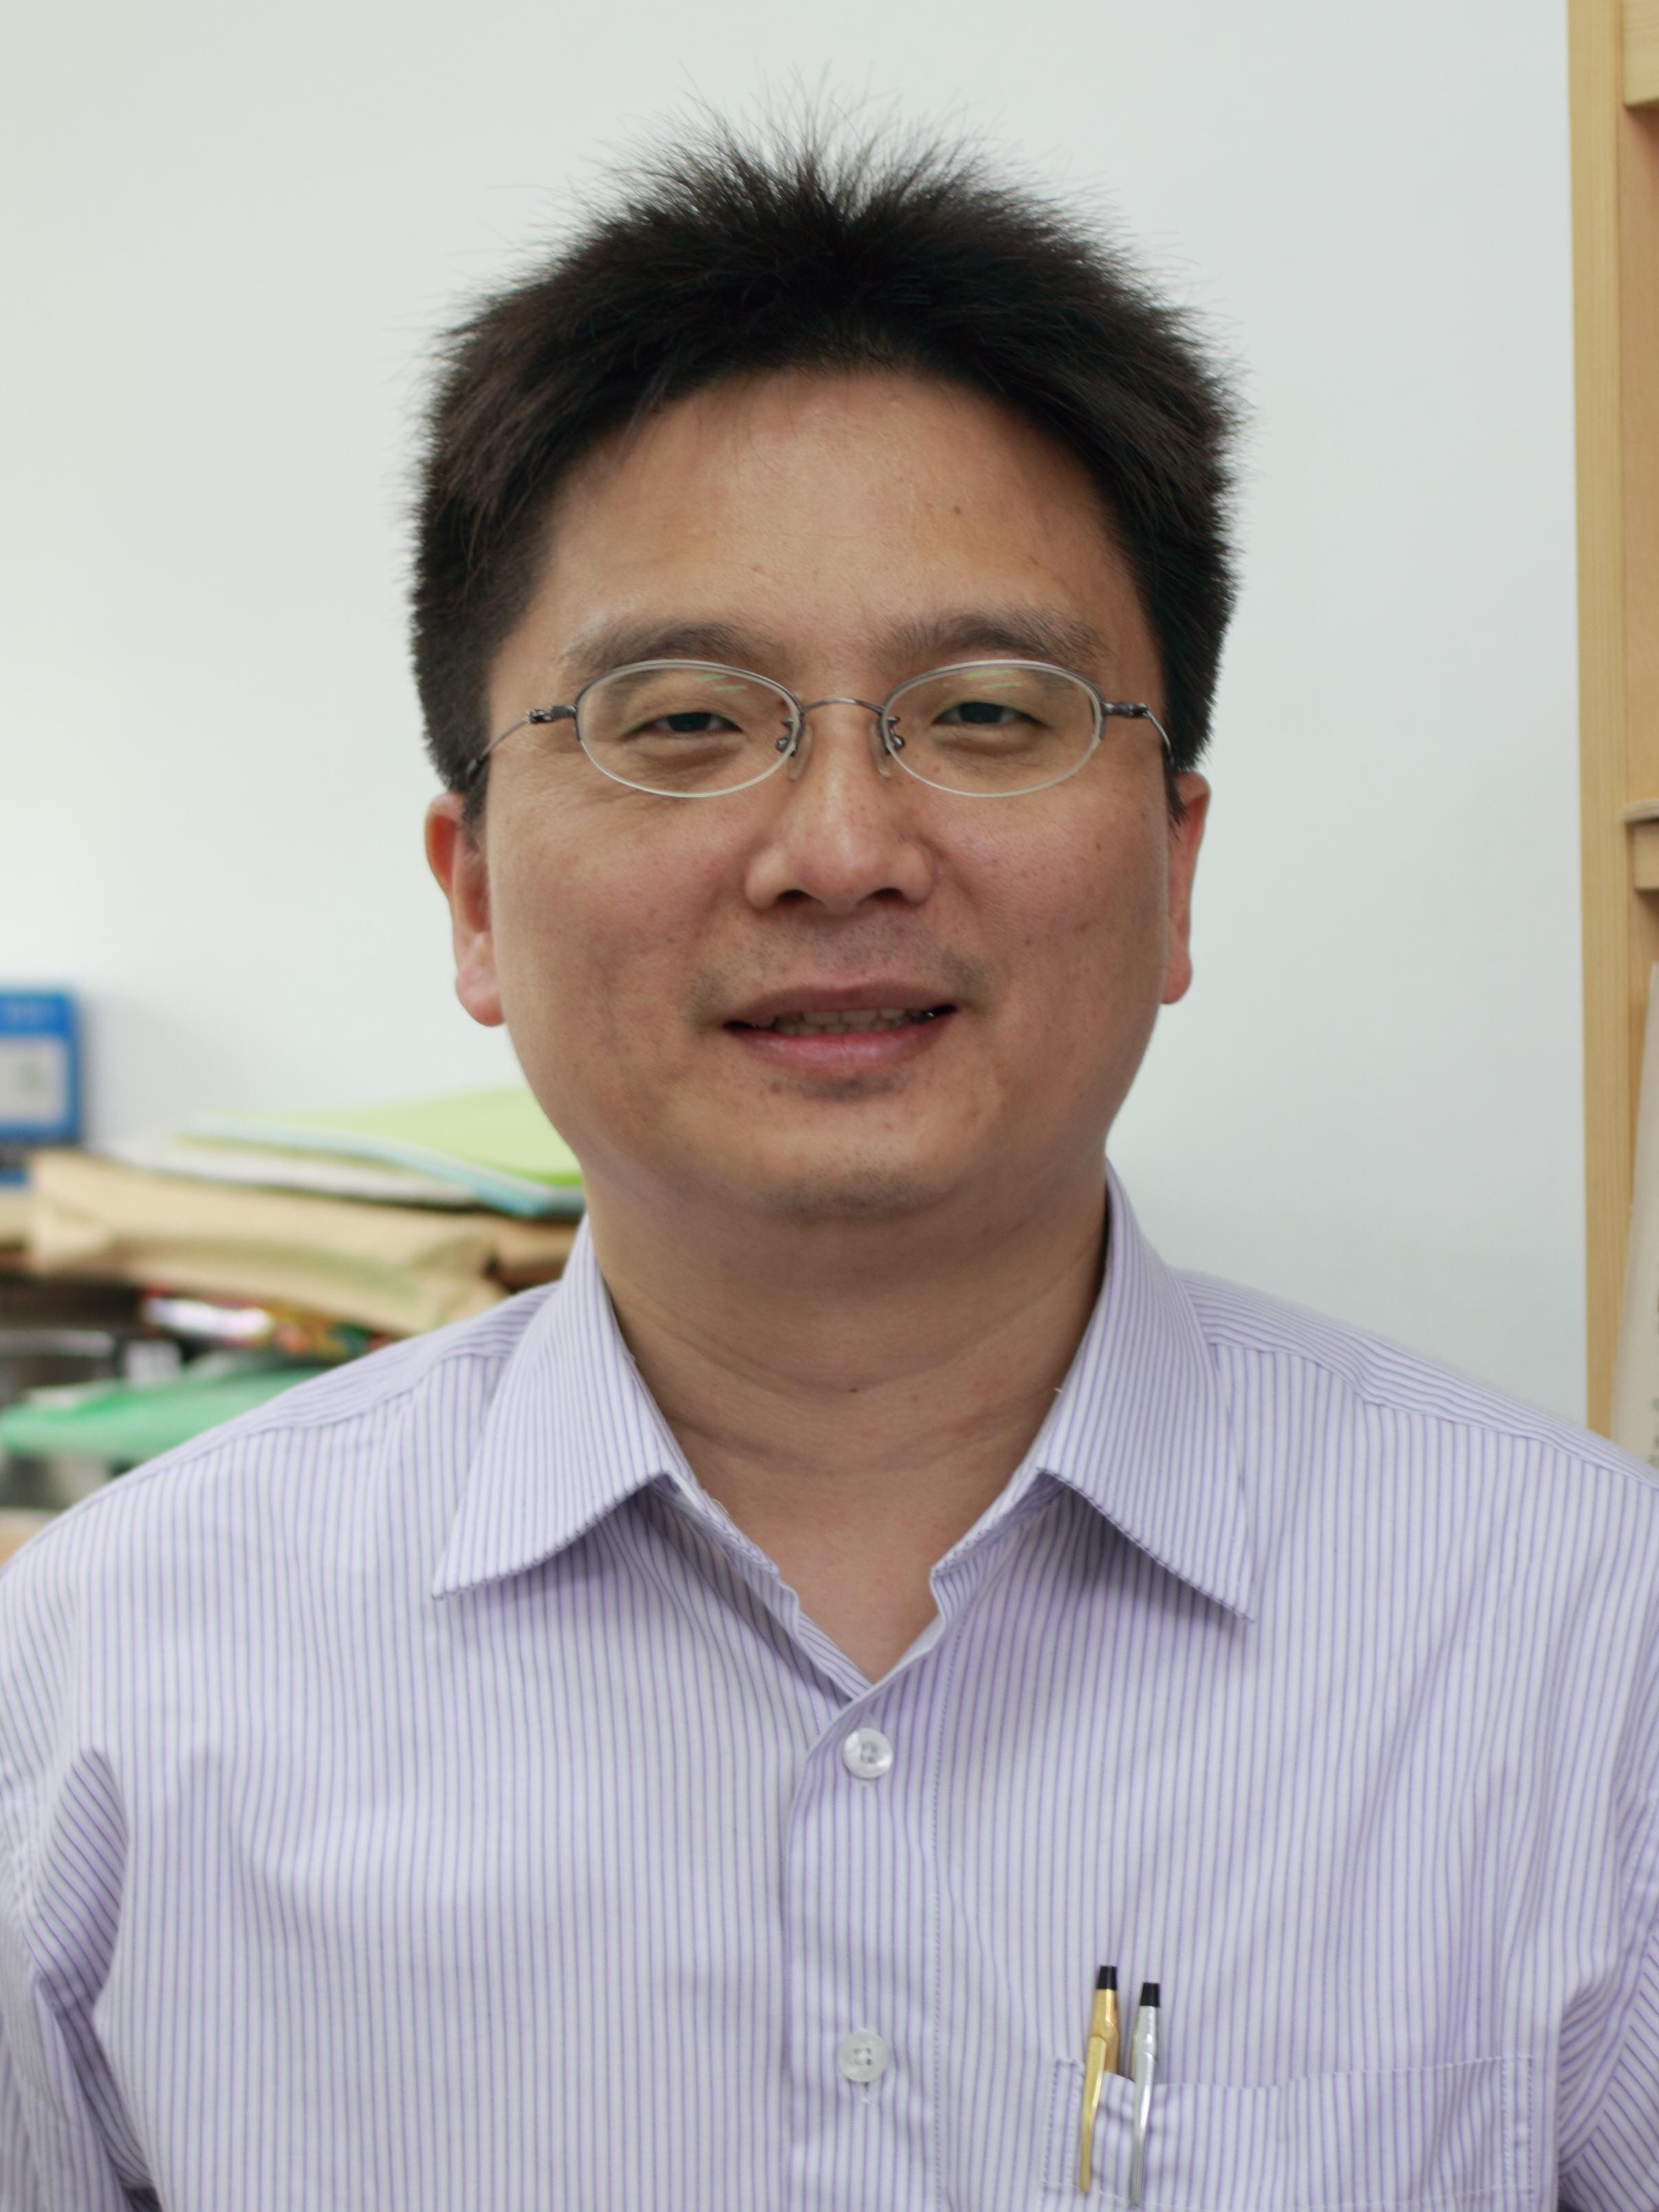 教師 「陳宏易」老師照片